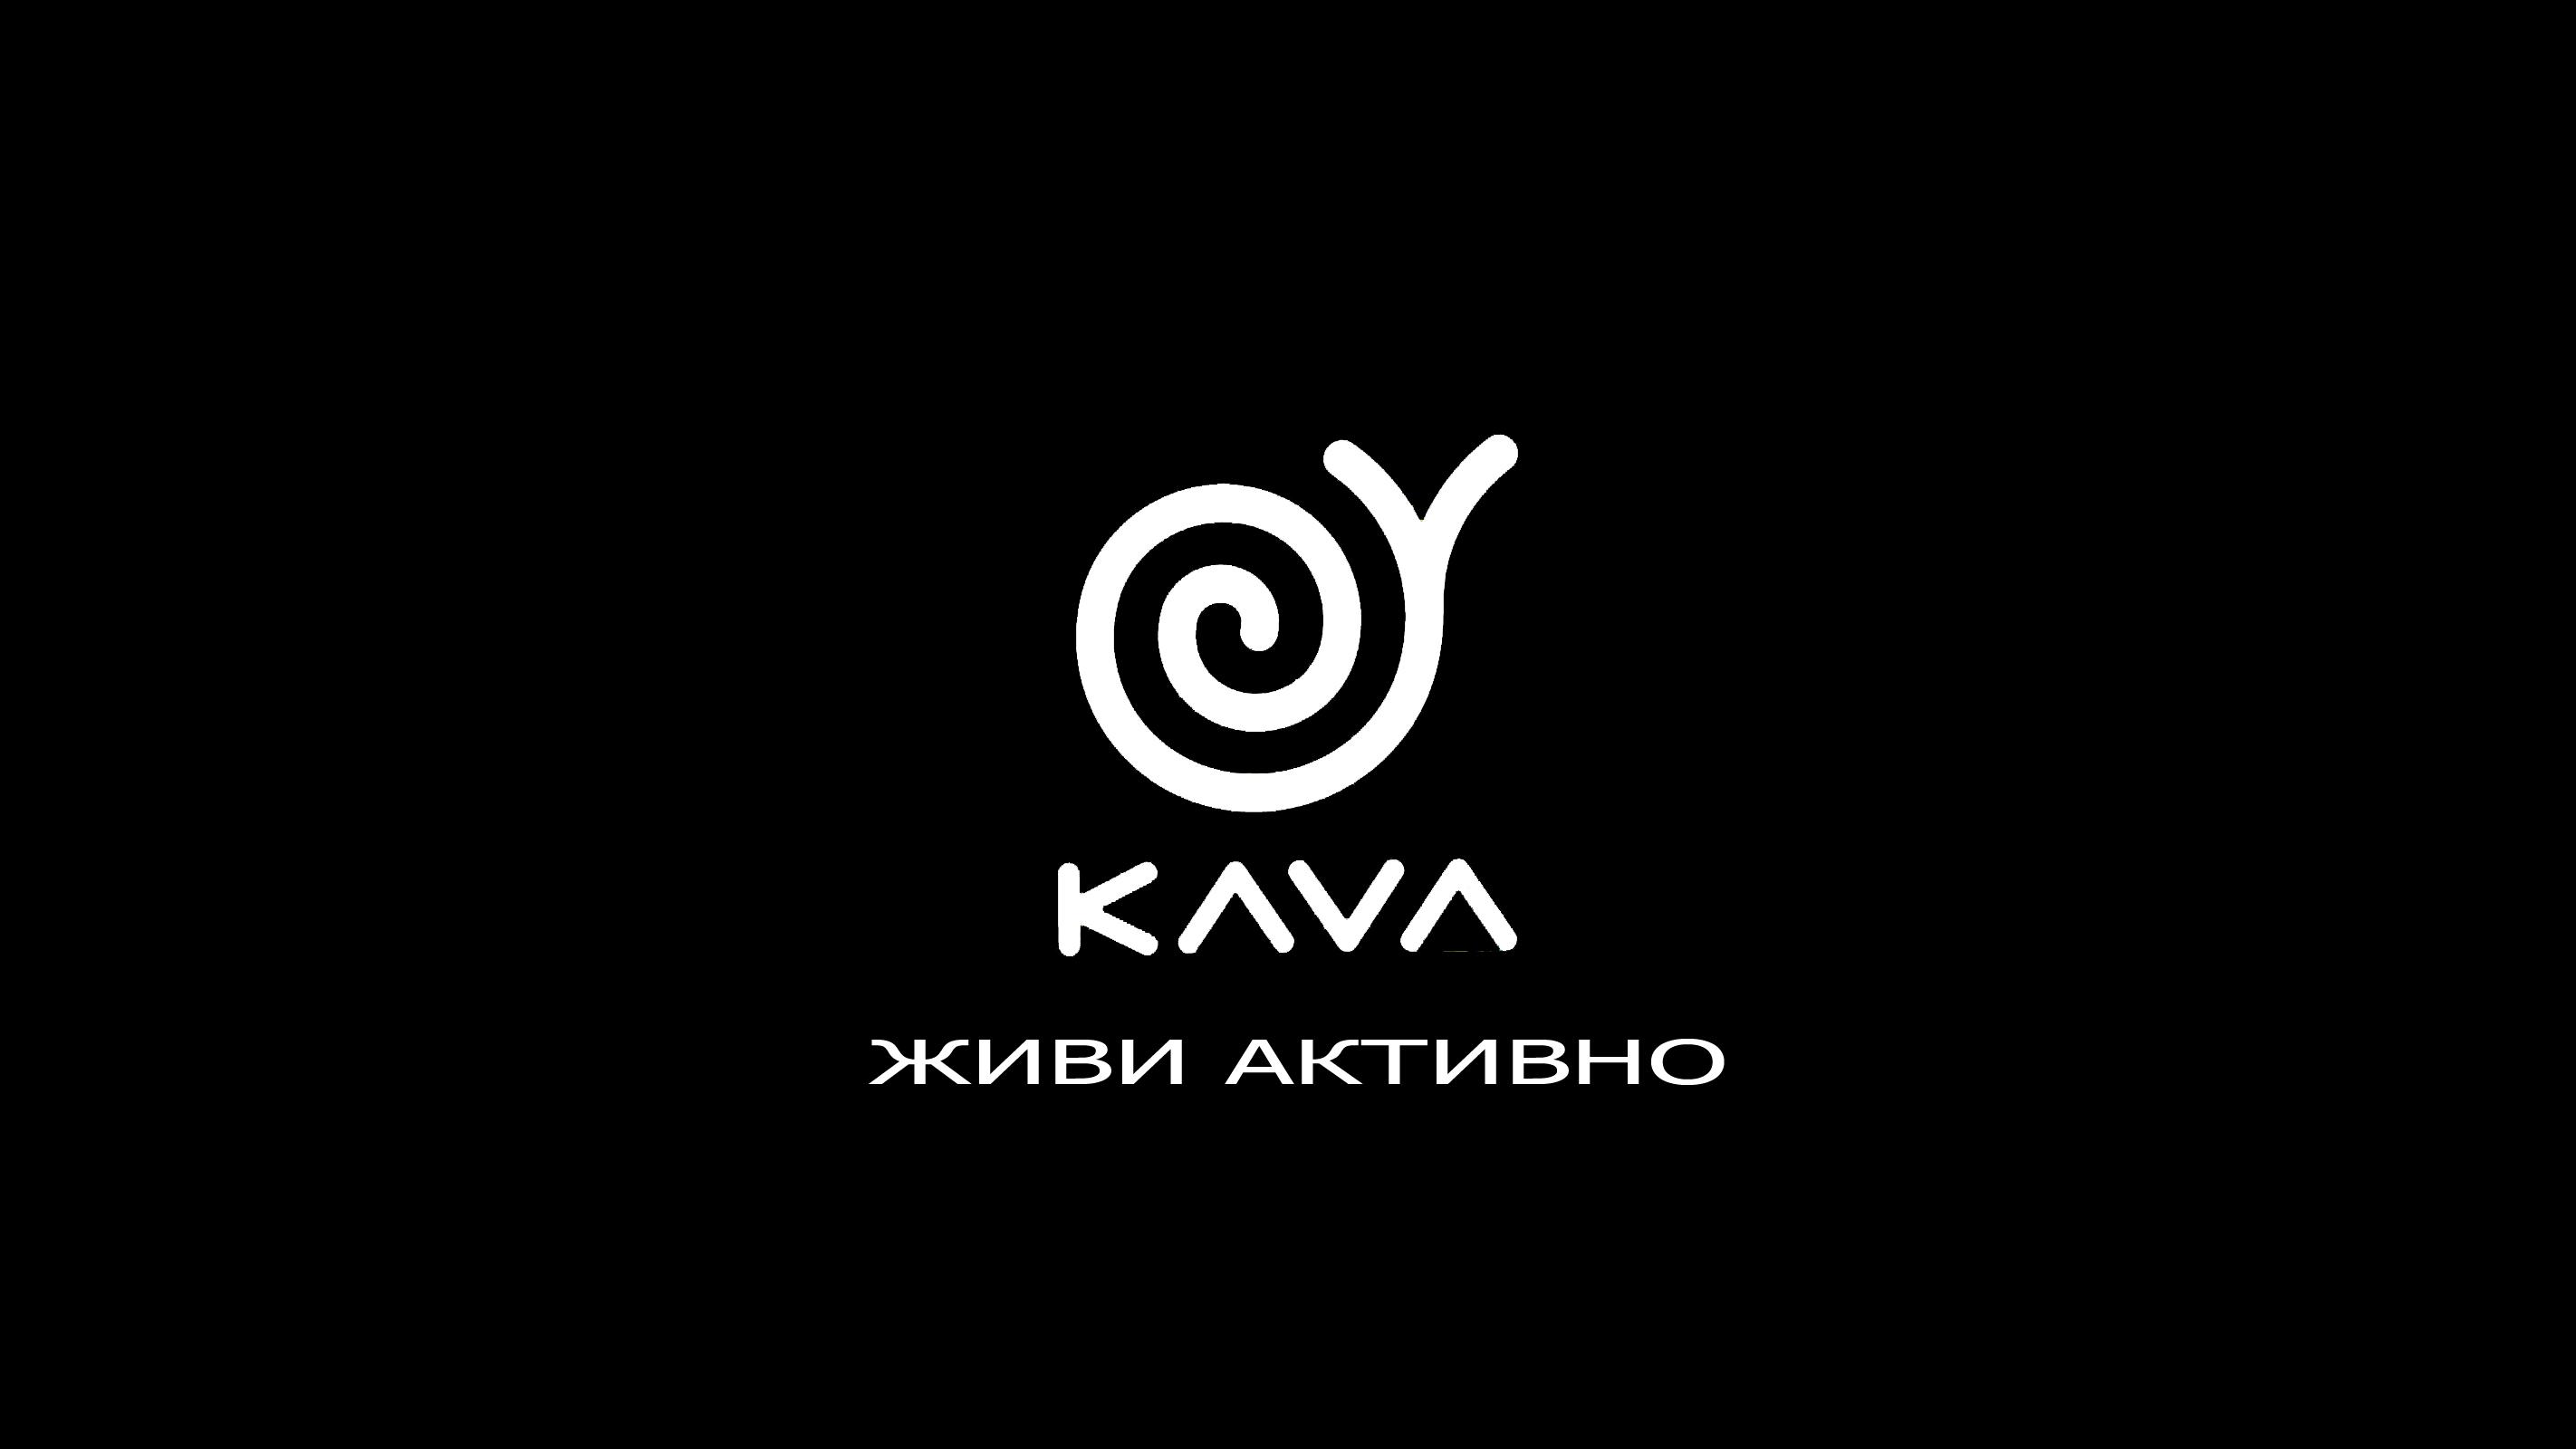 KAVA Днепр - промо видео №2 активного отдыха и экстрима от КАВА